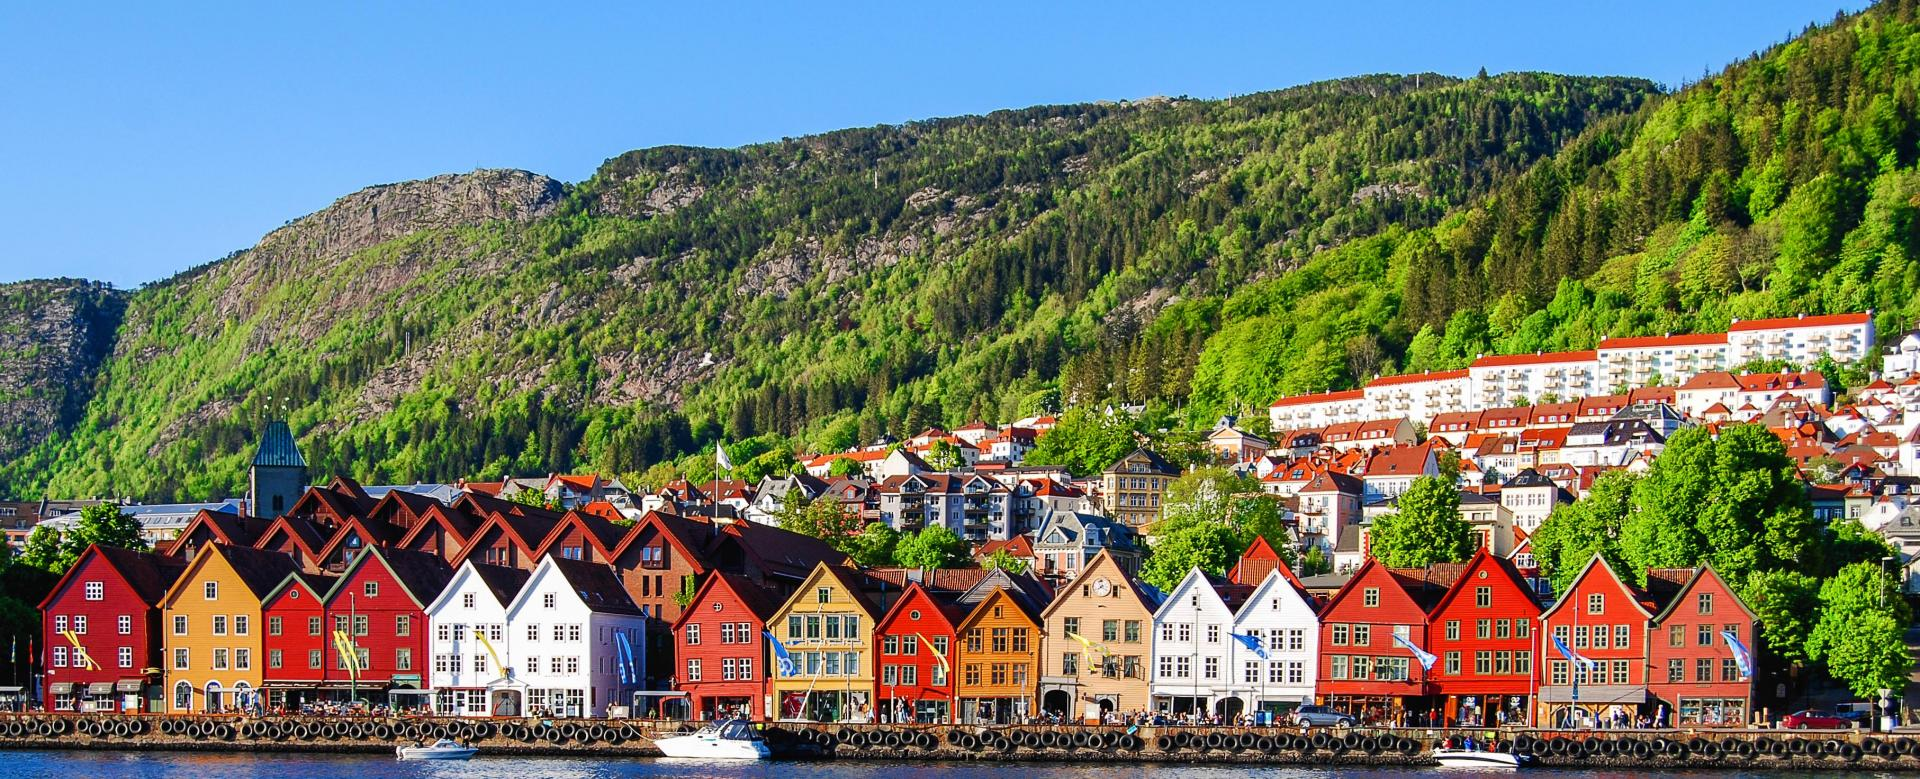 Voyage en véhicule Norvège : Fjords et merveilles